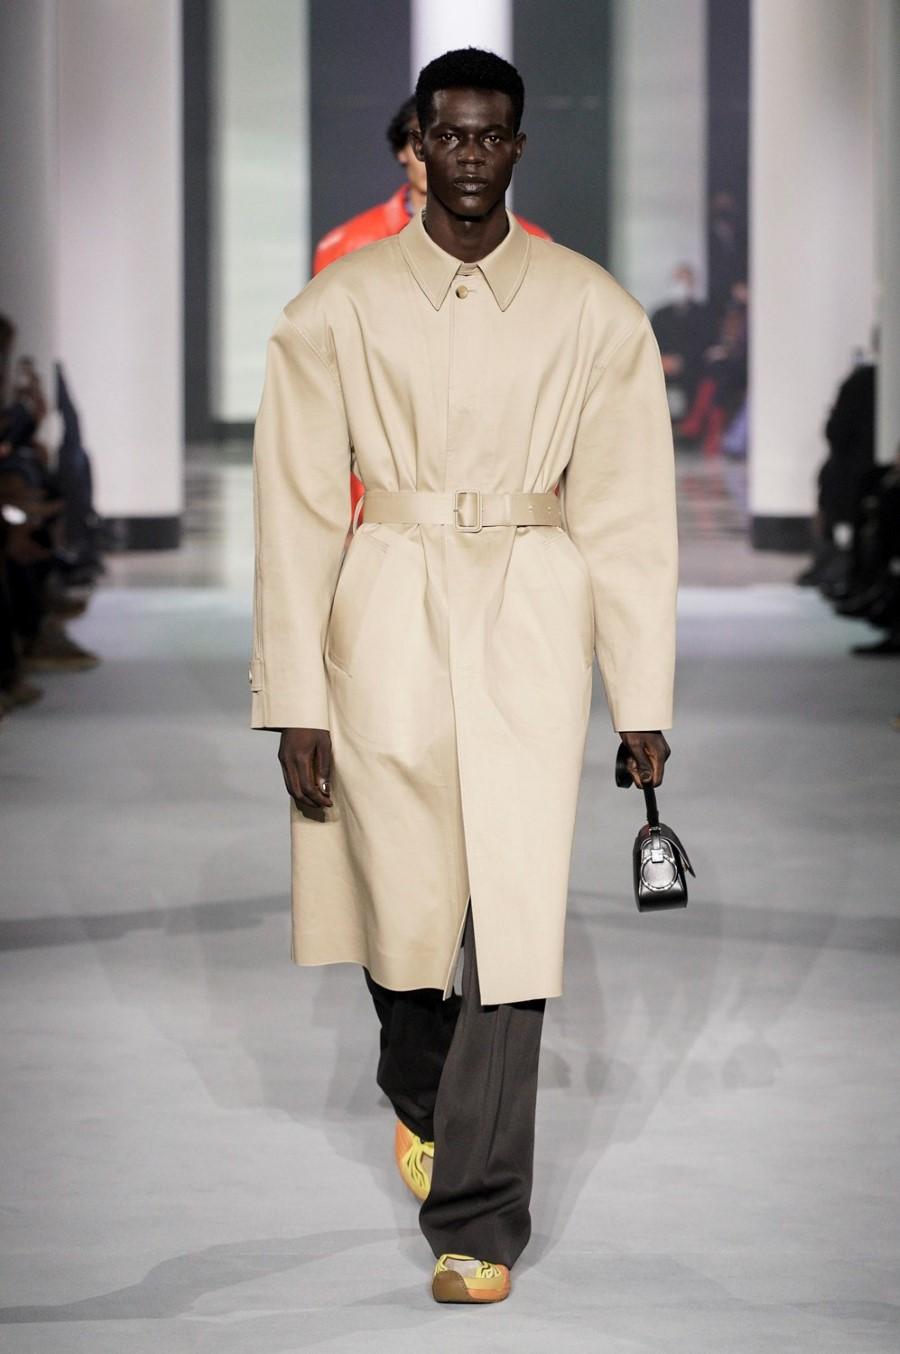 Lanvin Spring Summer 2022 - Paris Fashion Week